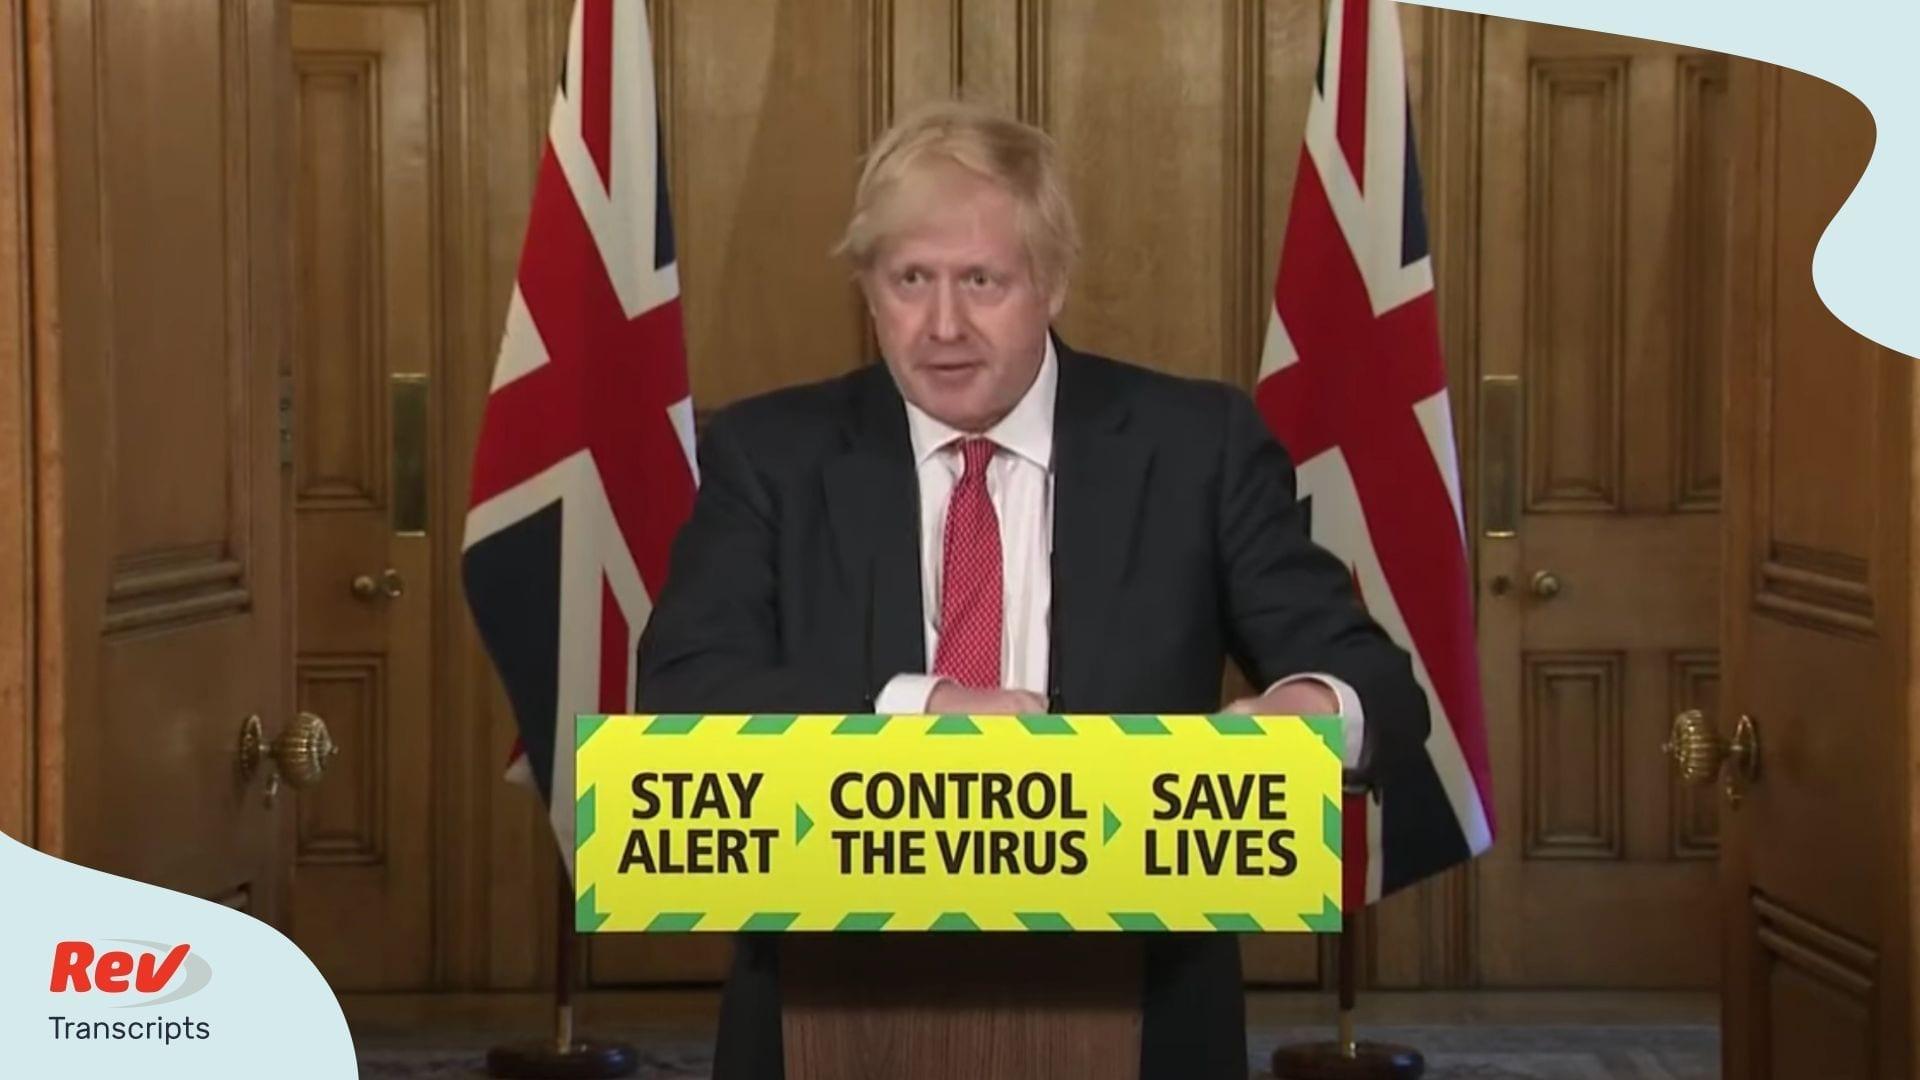 Boris Johnson Press Conference May 11